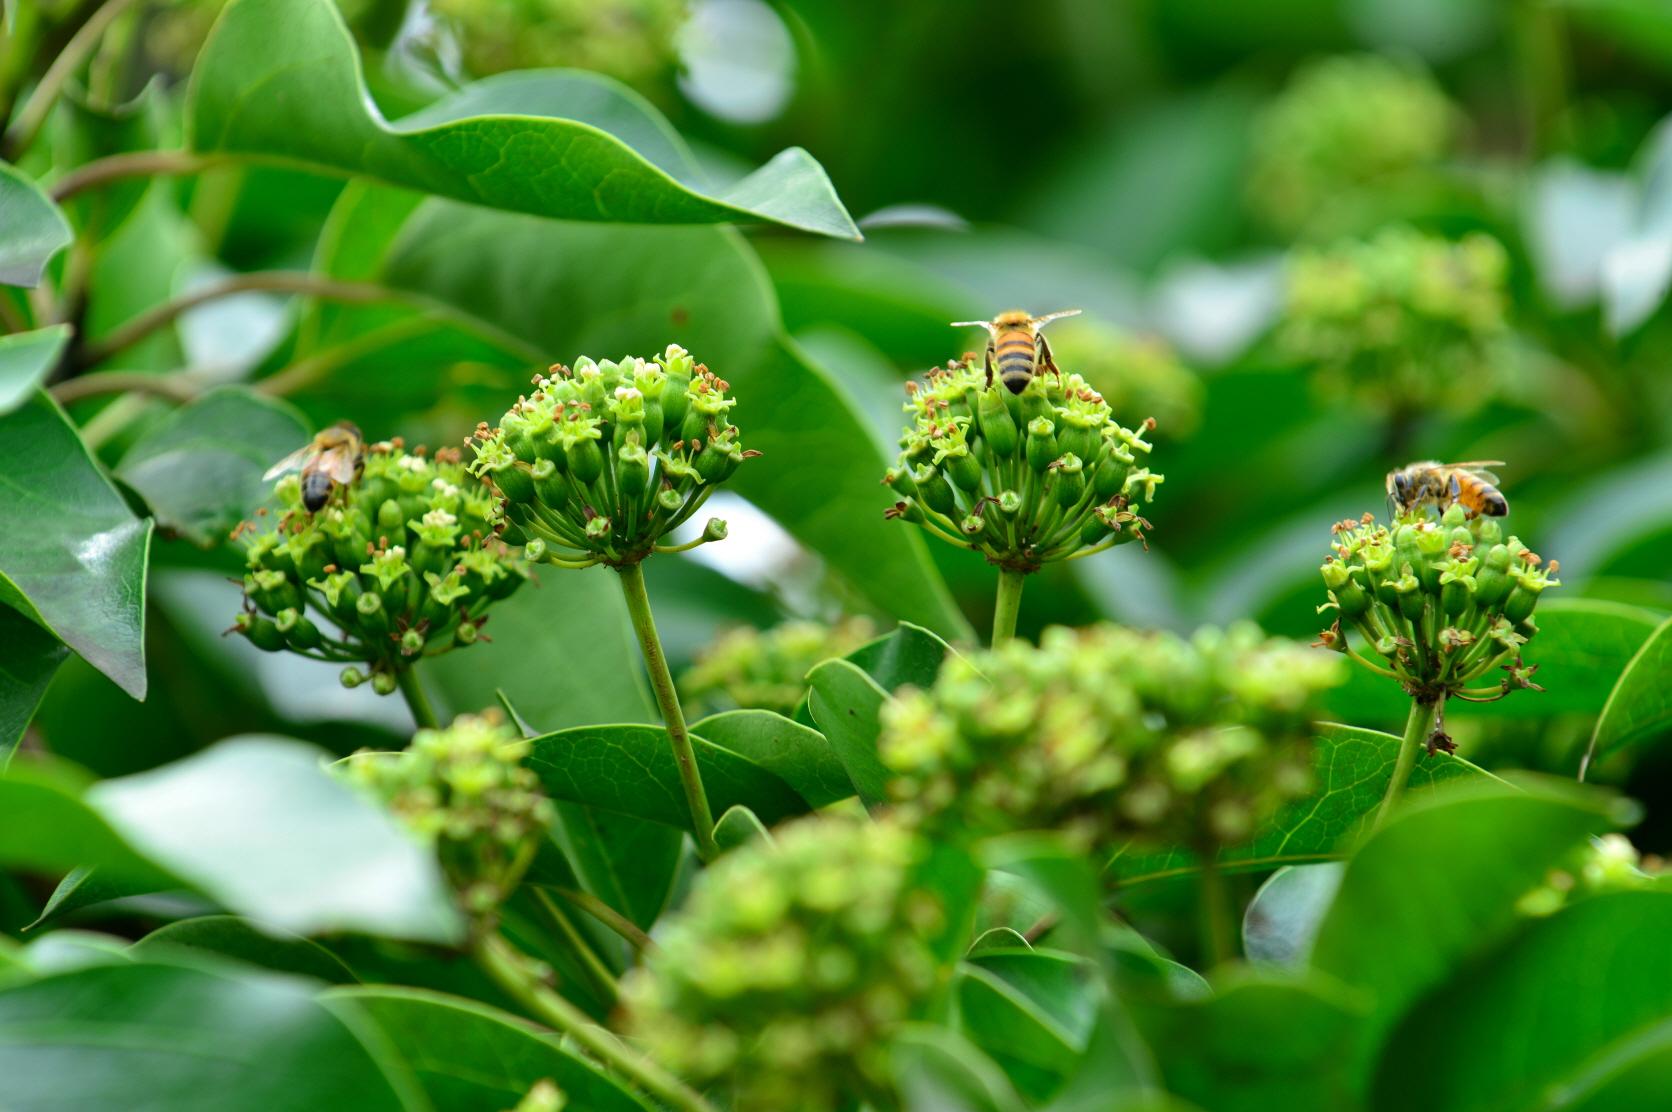 산림과학원, 황칠나무 통해 고부가 벌꿀 수확 가능 이미지1